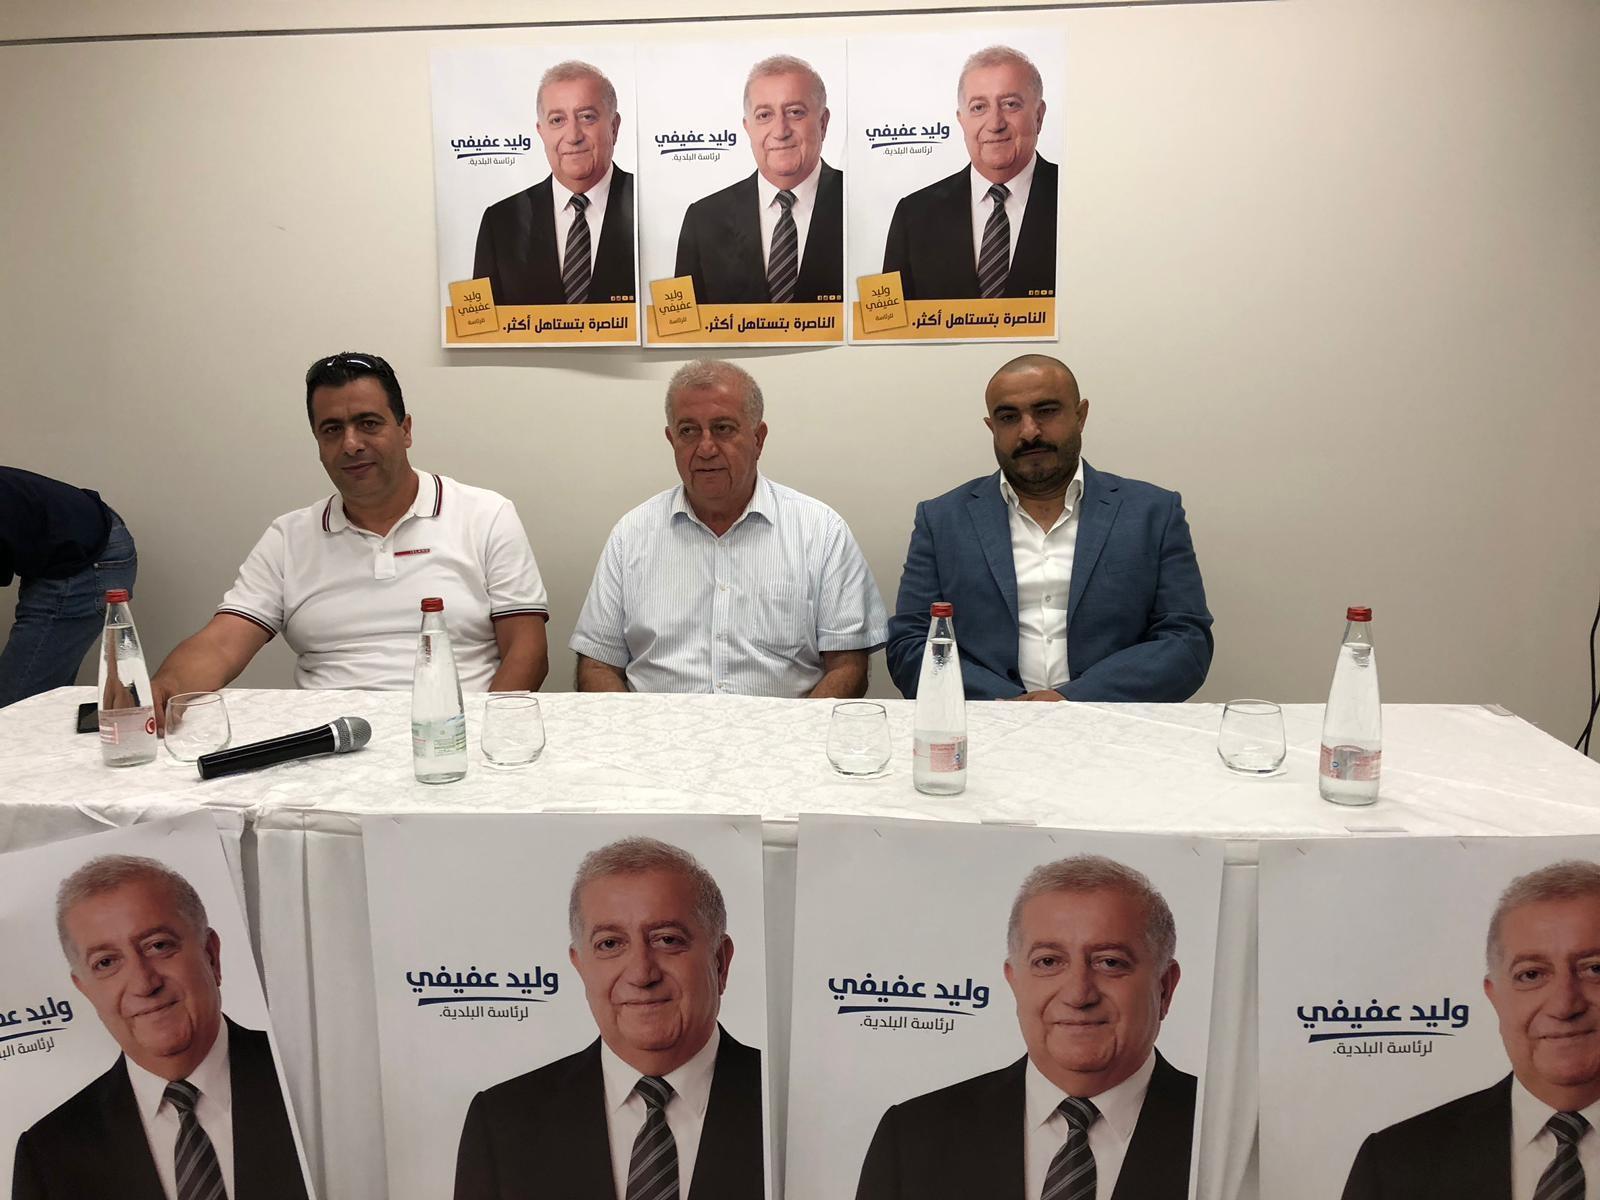 من المؤتمر الصحافي للعفيفي وبزيع (عرب ٤٨)